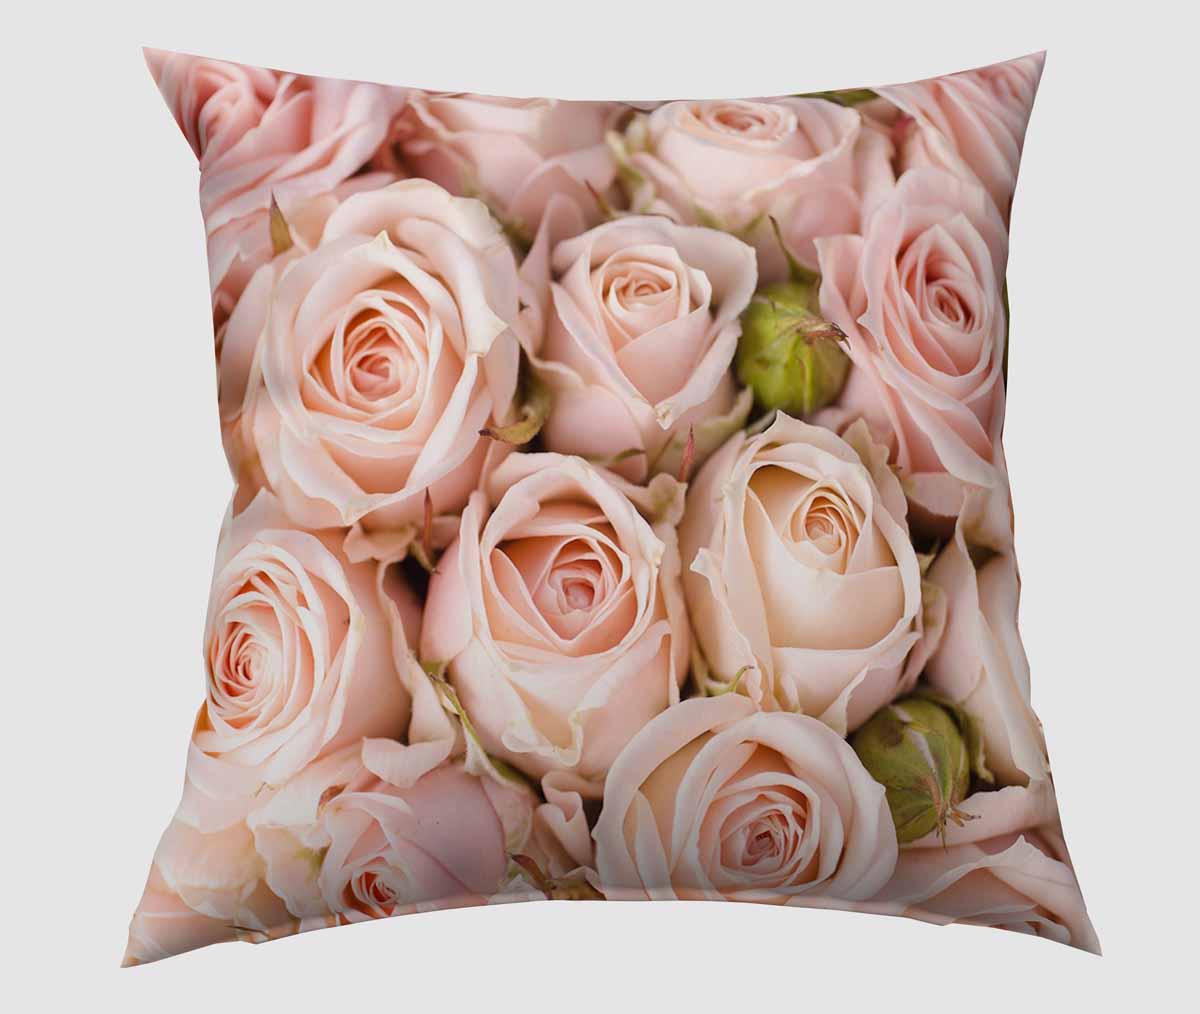 Подушка декоративная Сирень Молодые розы, 40 х 40 смCLP446Декоративная подушка Сирень Молодые розы, изготовленная из габардина (100% полиэстер), прекрасно дополнит интерьер спальни или гостиной. Подушка оформлена красочным изображением. Внутри - мягкий наполнитель из холлофайбера (100% полиэстер). Красивая подушка создаст атмосферу тепла и уюта в спальне и станет прекрасным элементом декора.